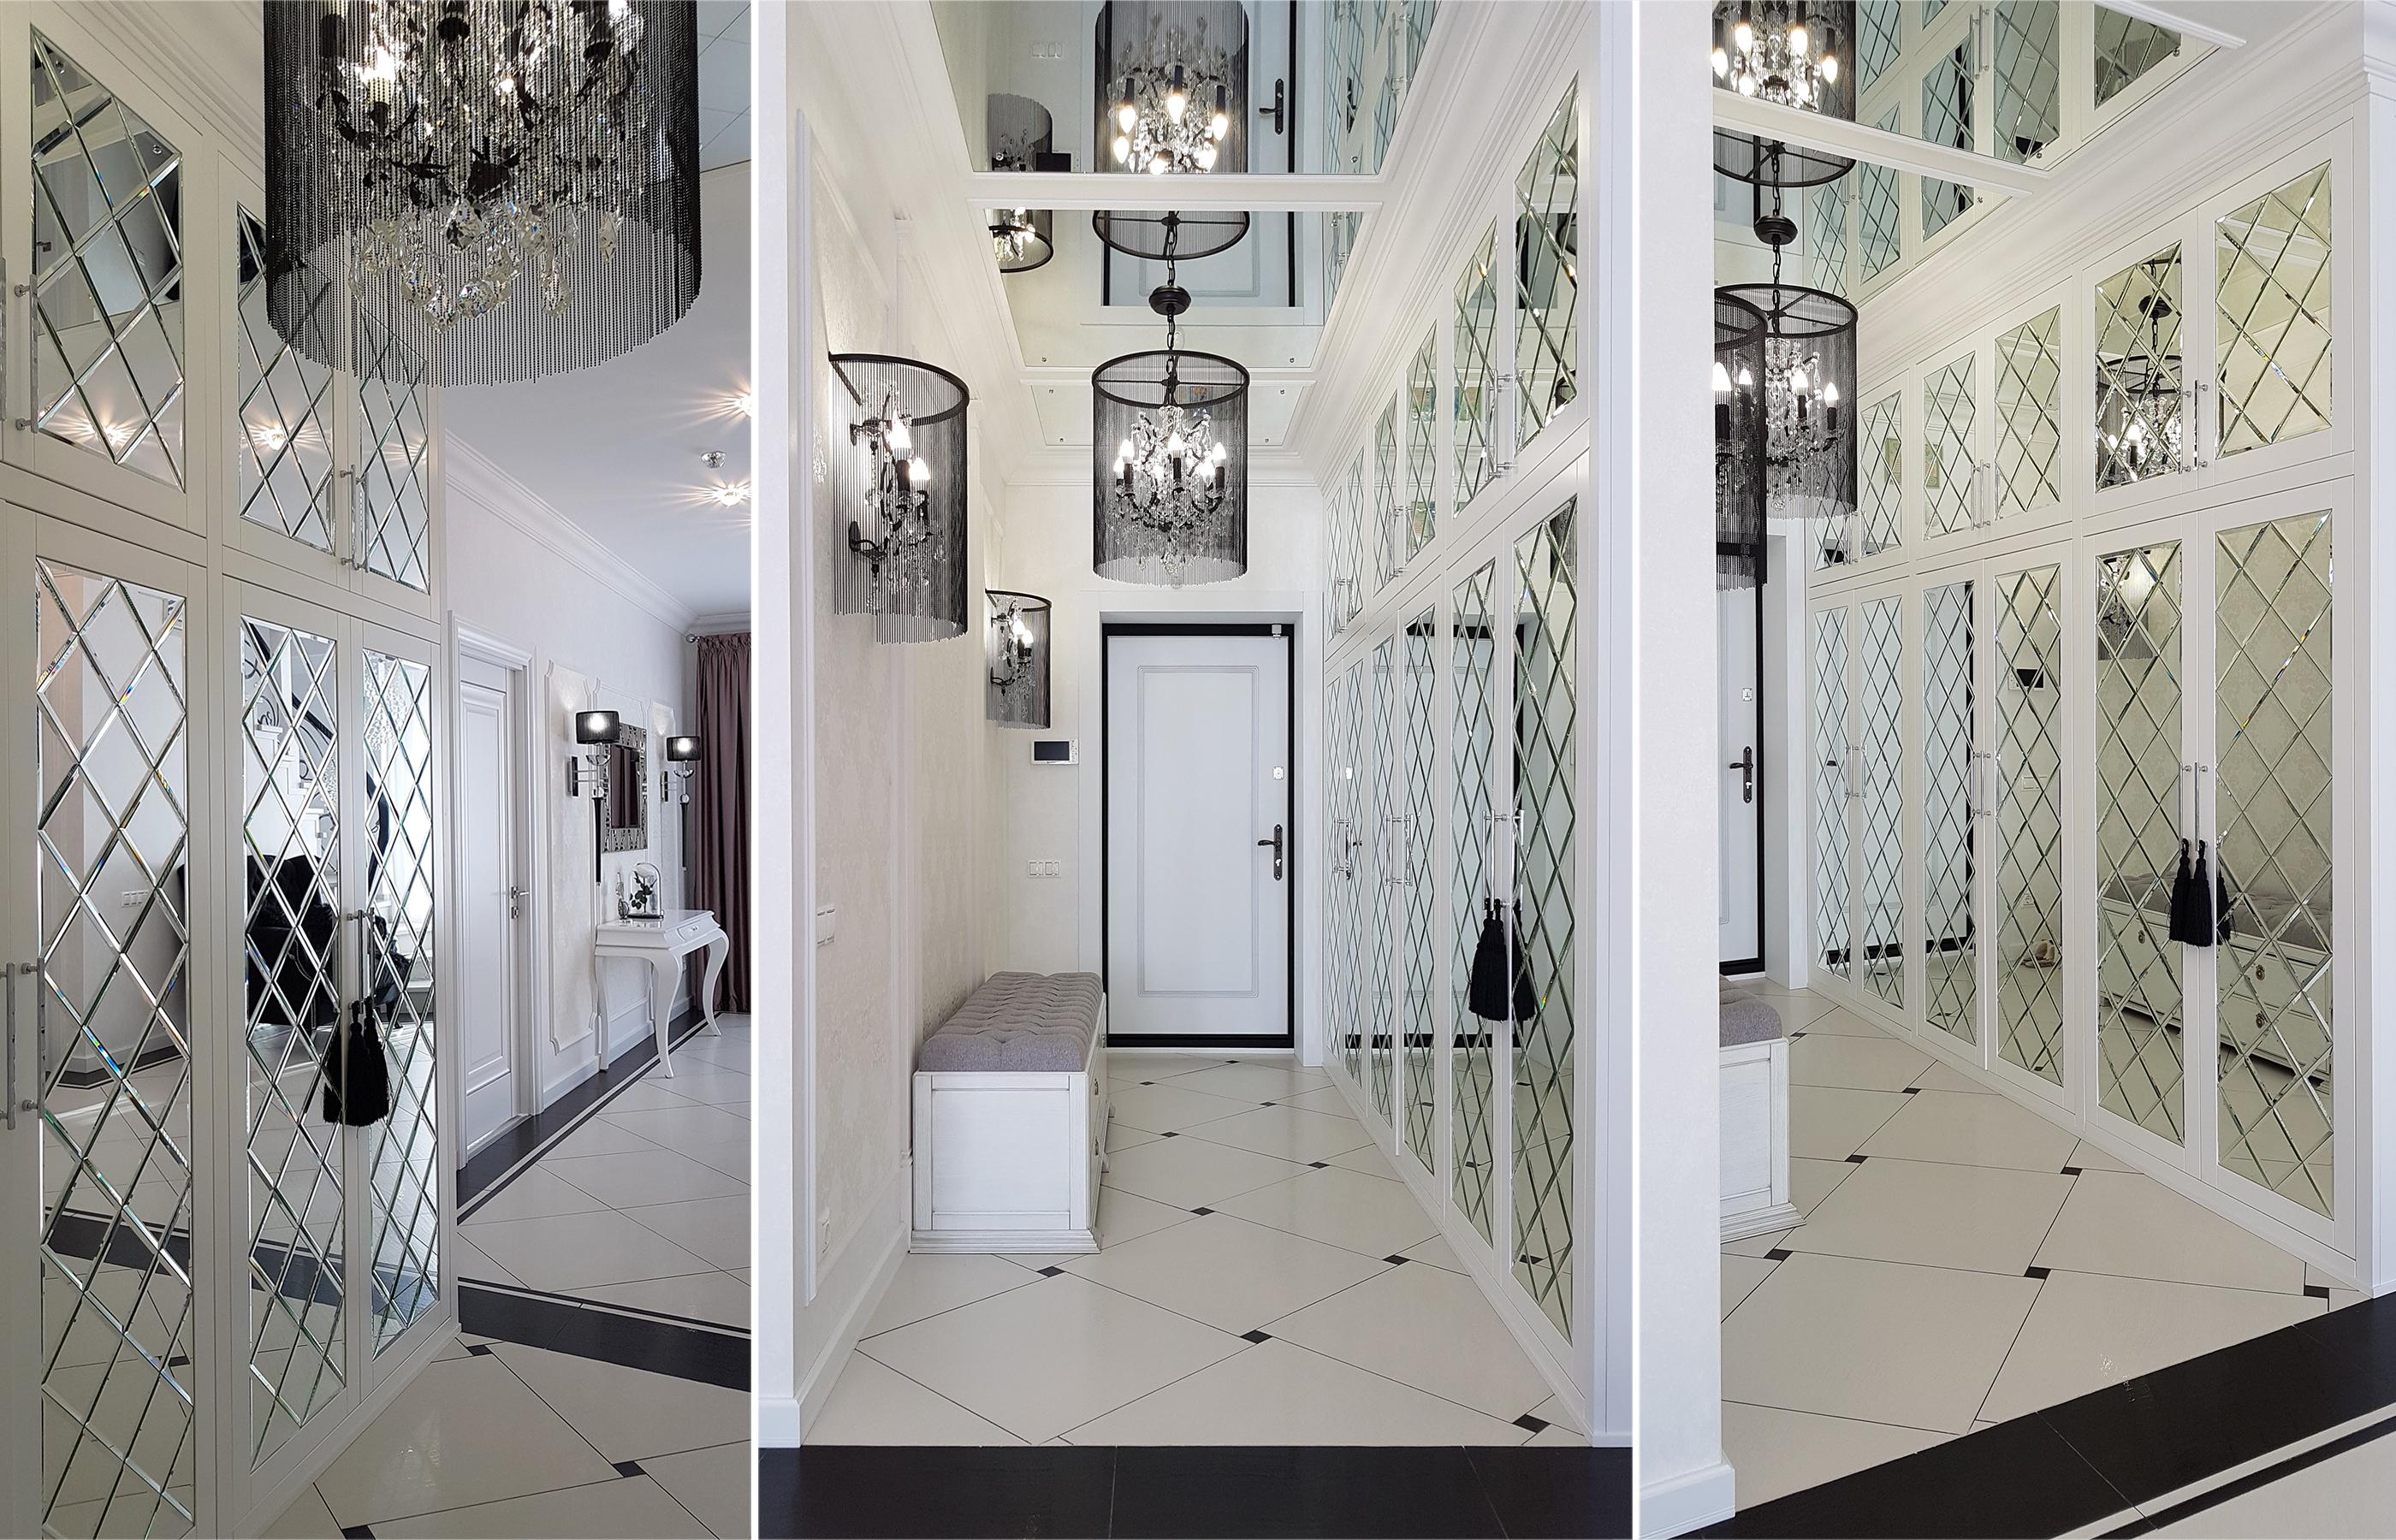 Зеркальные панно в интерьере холла